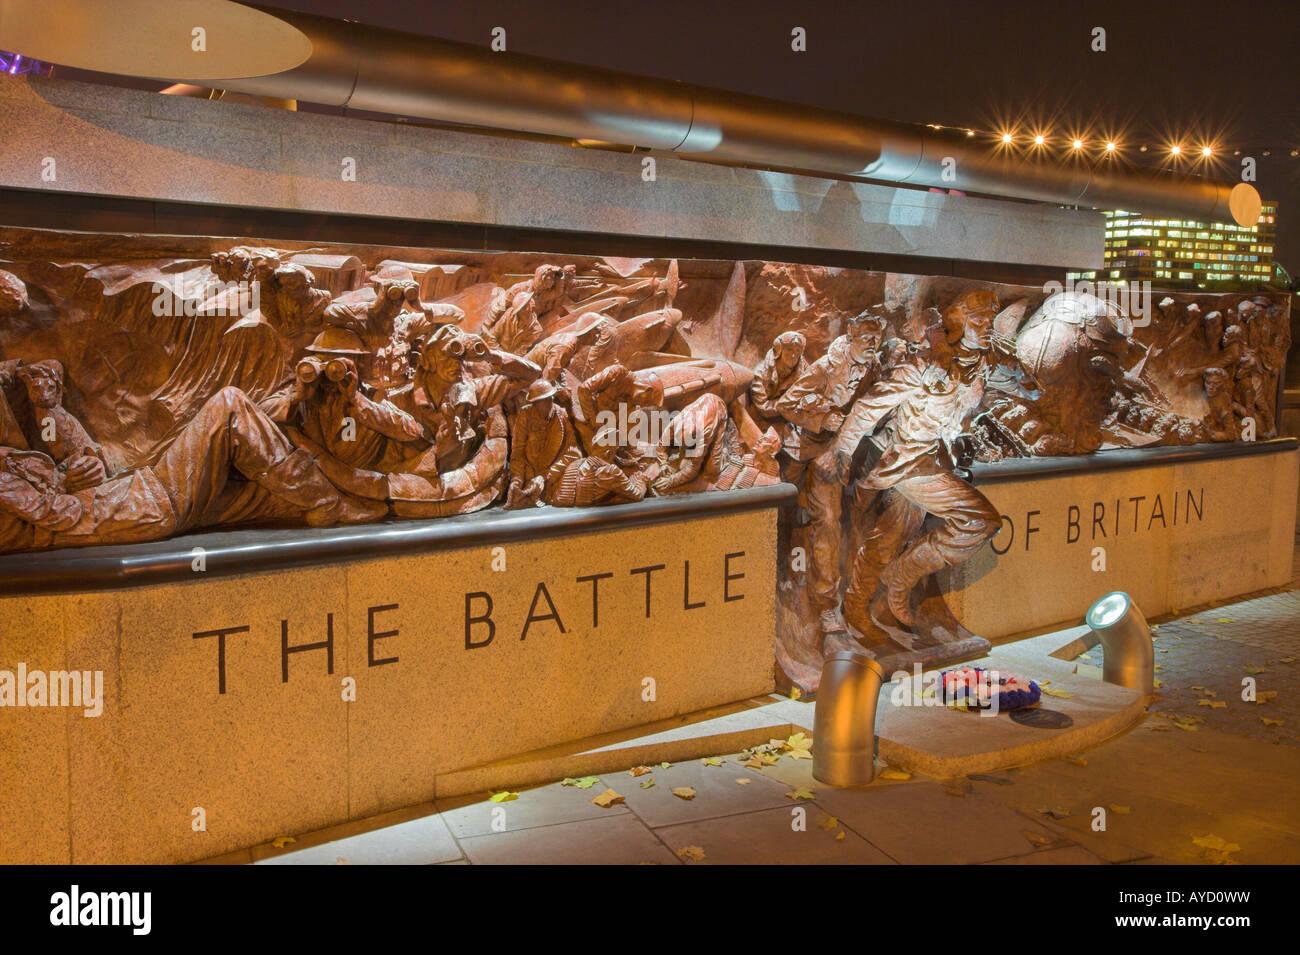 Battle of Britain Memorial Victoria Embankment London UK - Stock Image